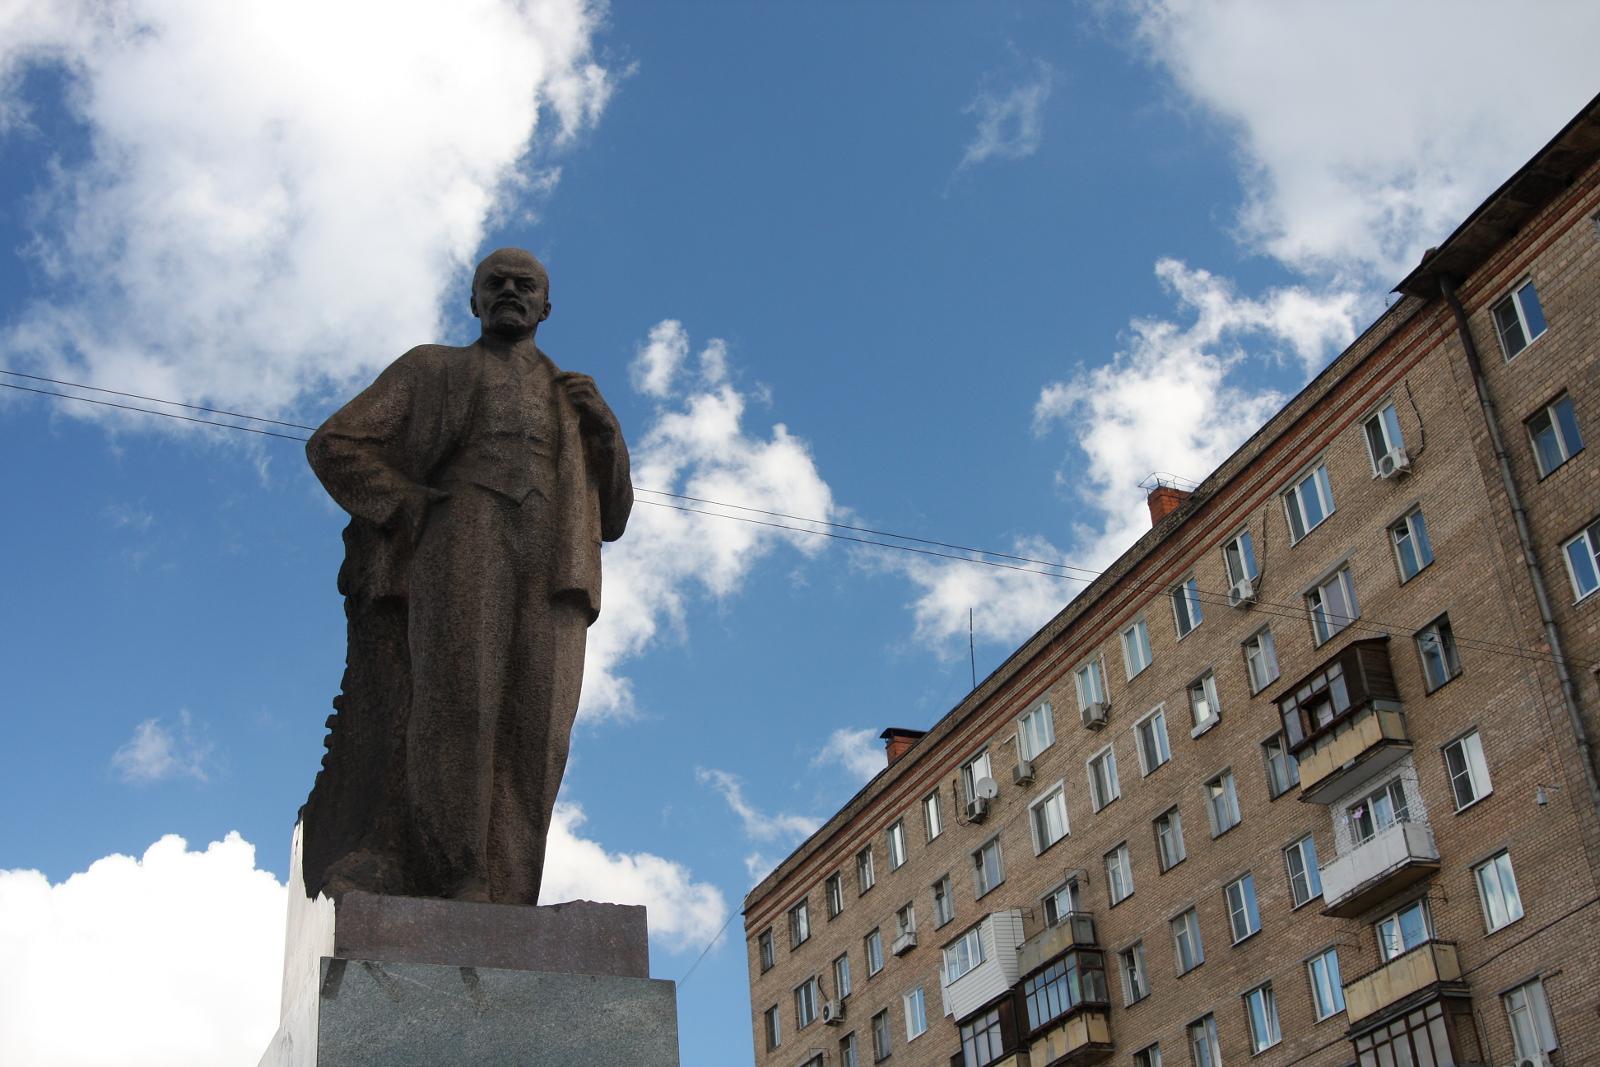 Podróż Koleją Transsyberyjską: Syberia Wyprawa Zaćmieniowa – Dzień 2: Moskwa iTranssib